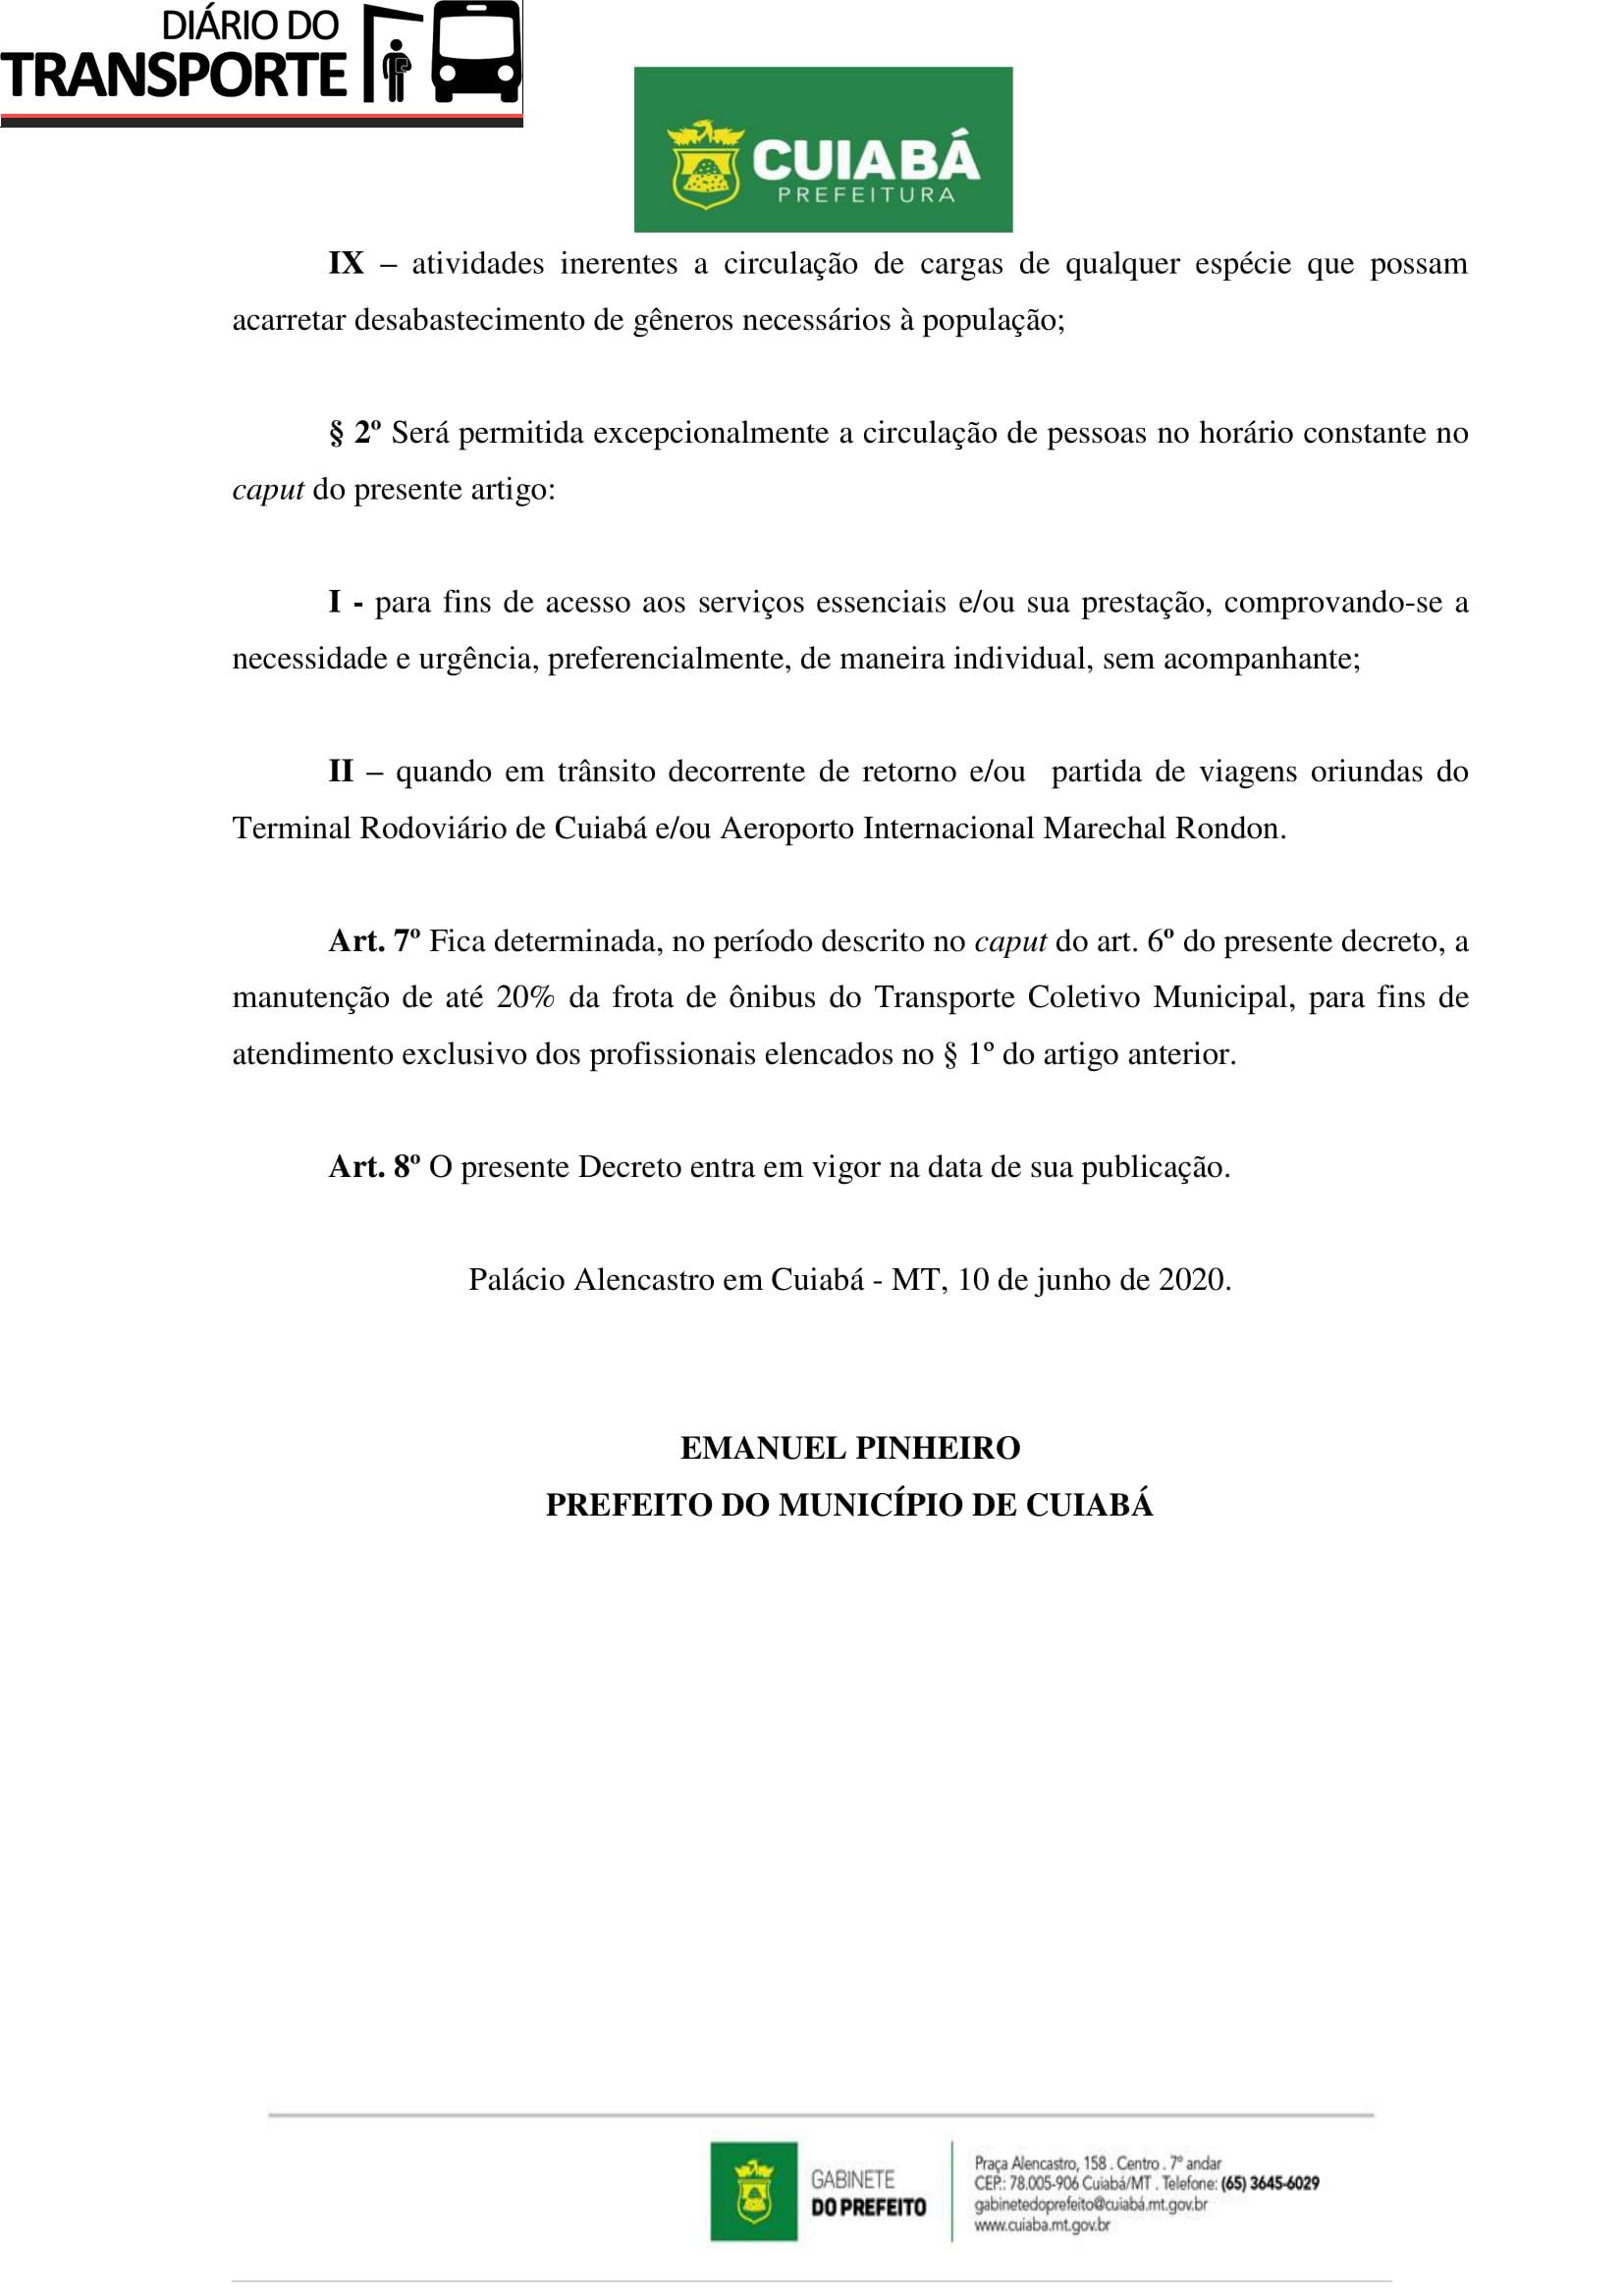 DECRETO - PRORROGA ATIVIDADES ESCOLARES E DEMAIS MEDIDAS (1)-5